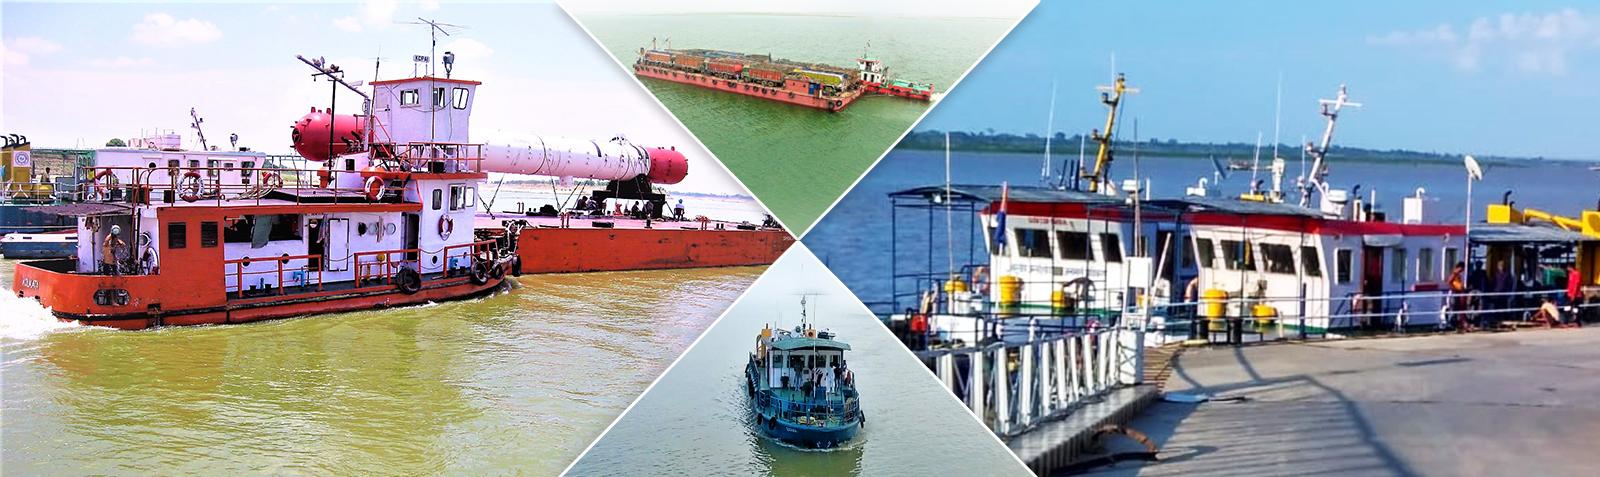 भारत के अंतर्देशीय जलमार्ग प्राधिकरण